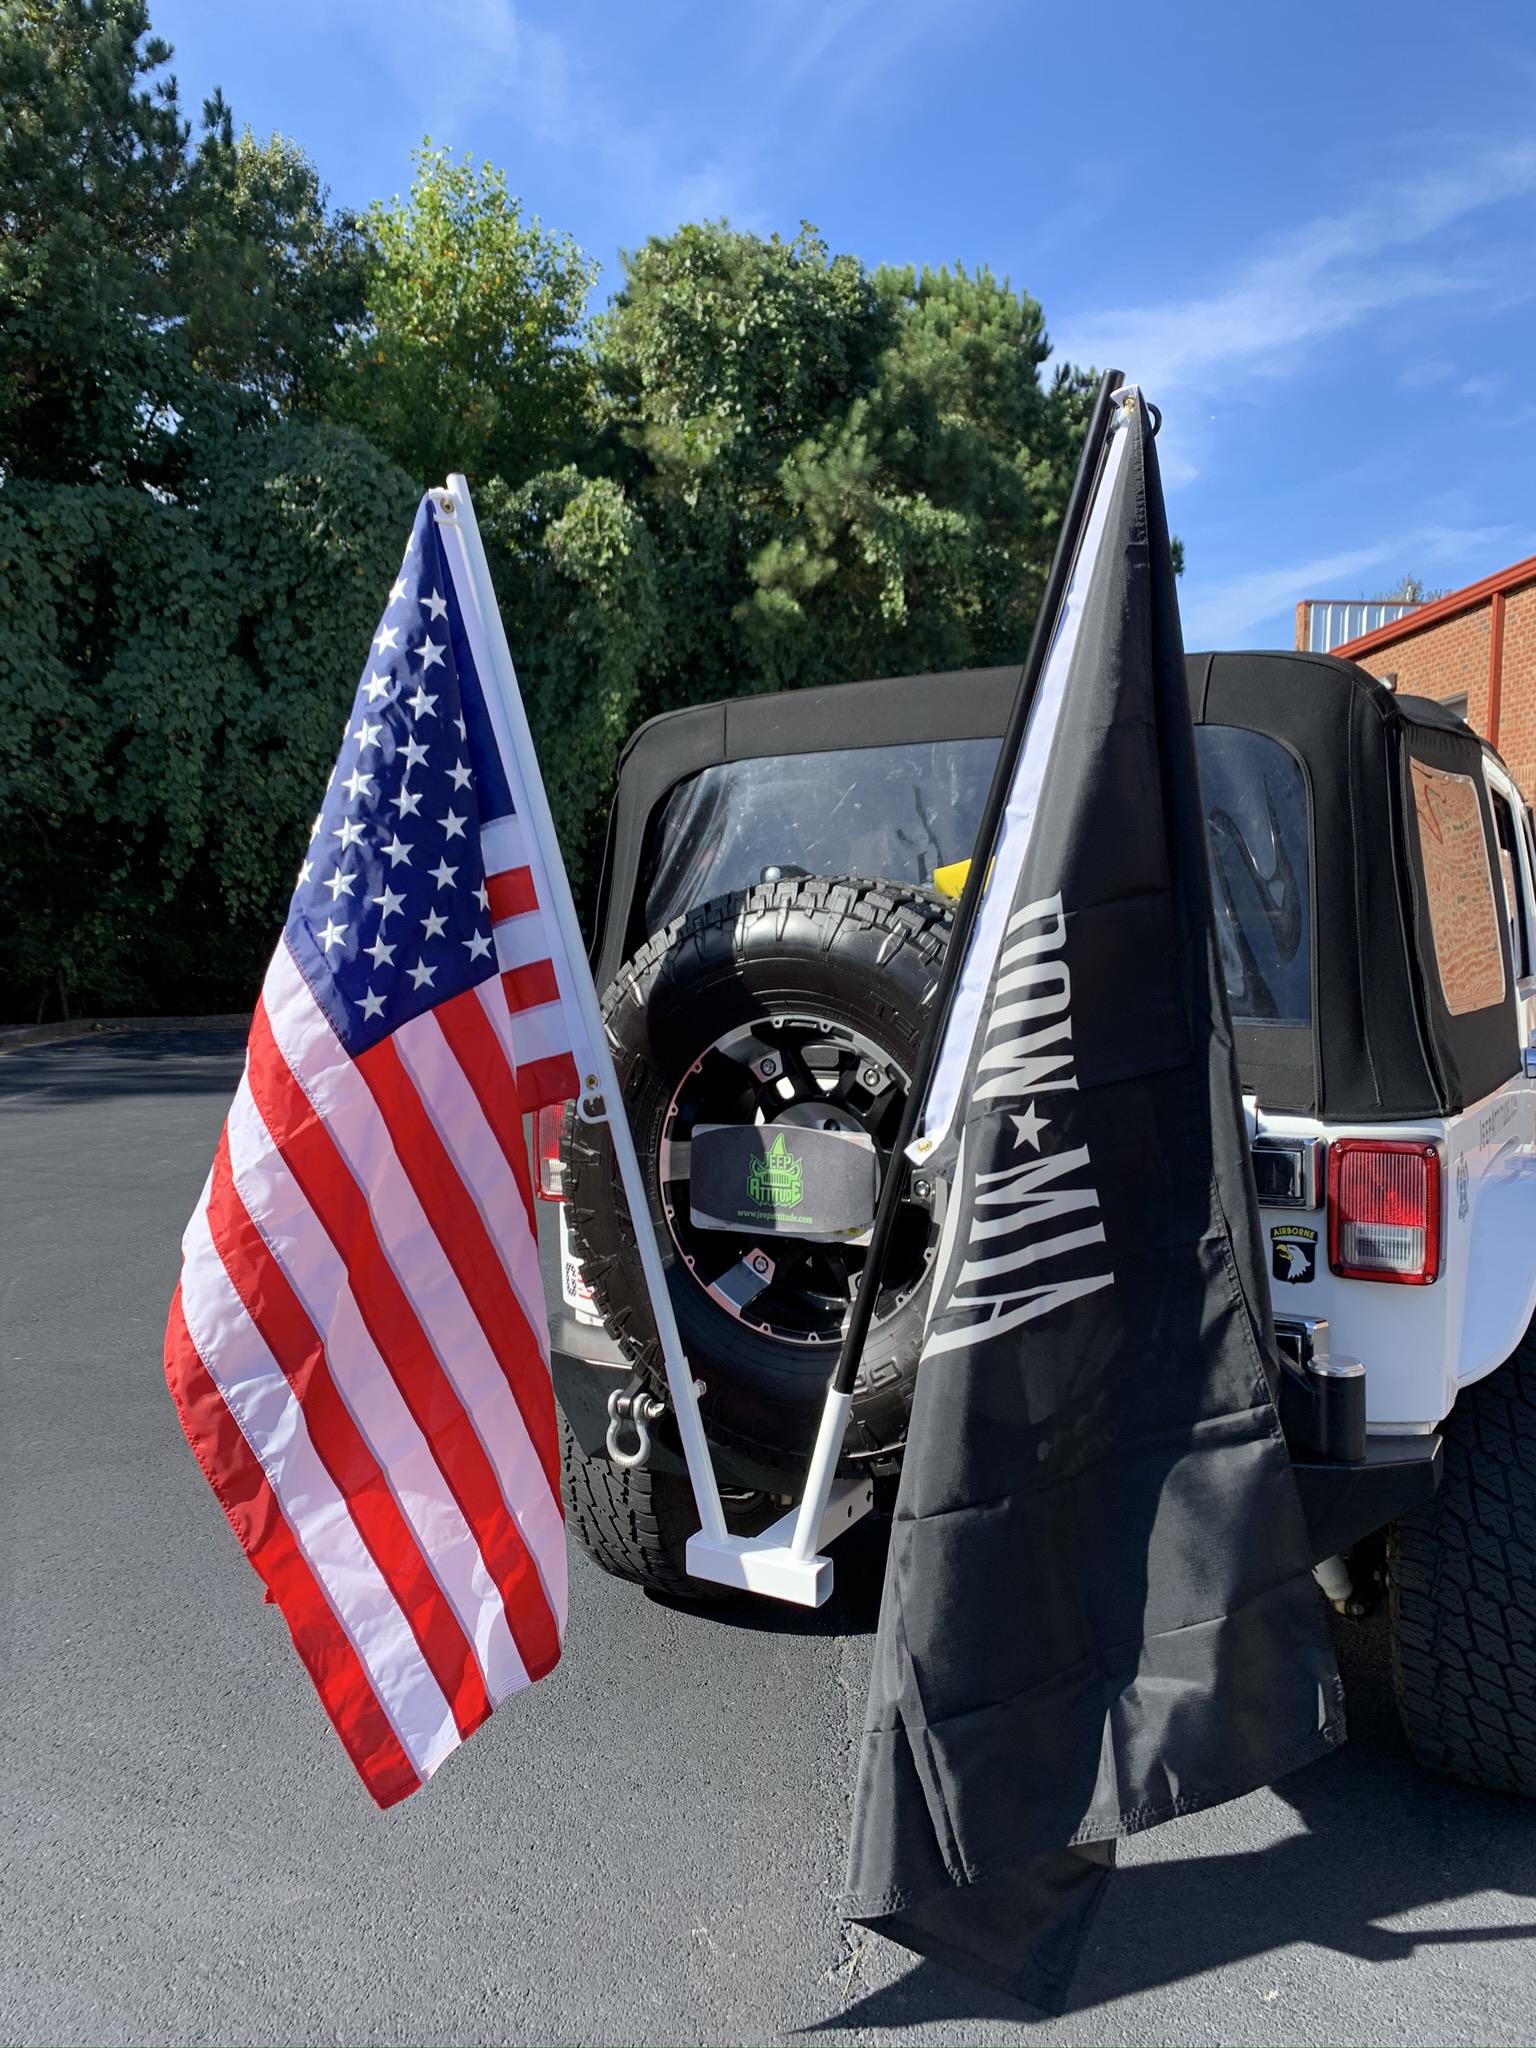 Custom USA POW 3x5 Flag